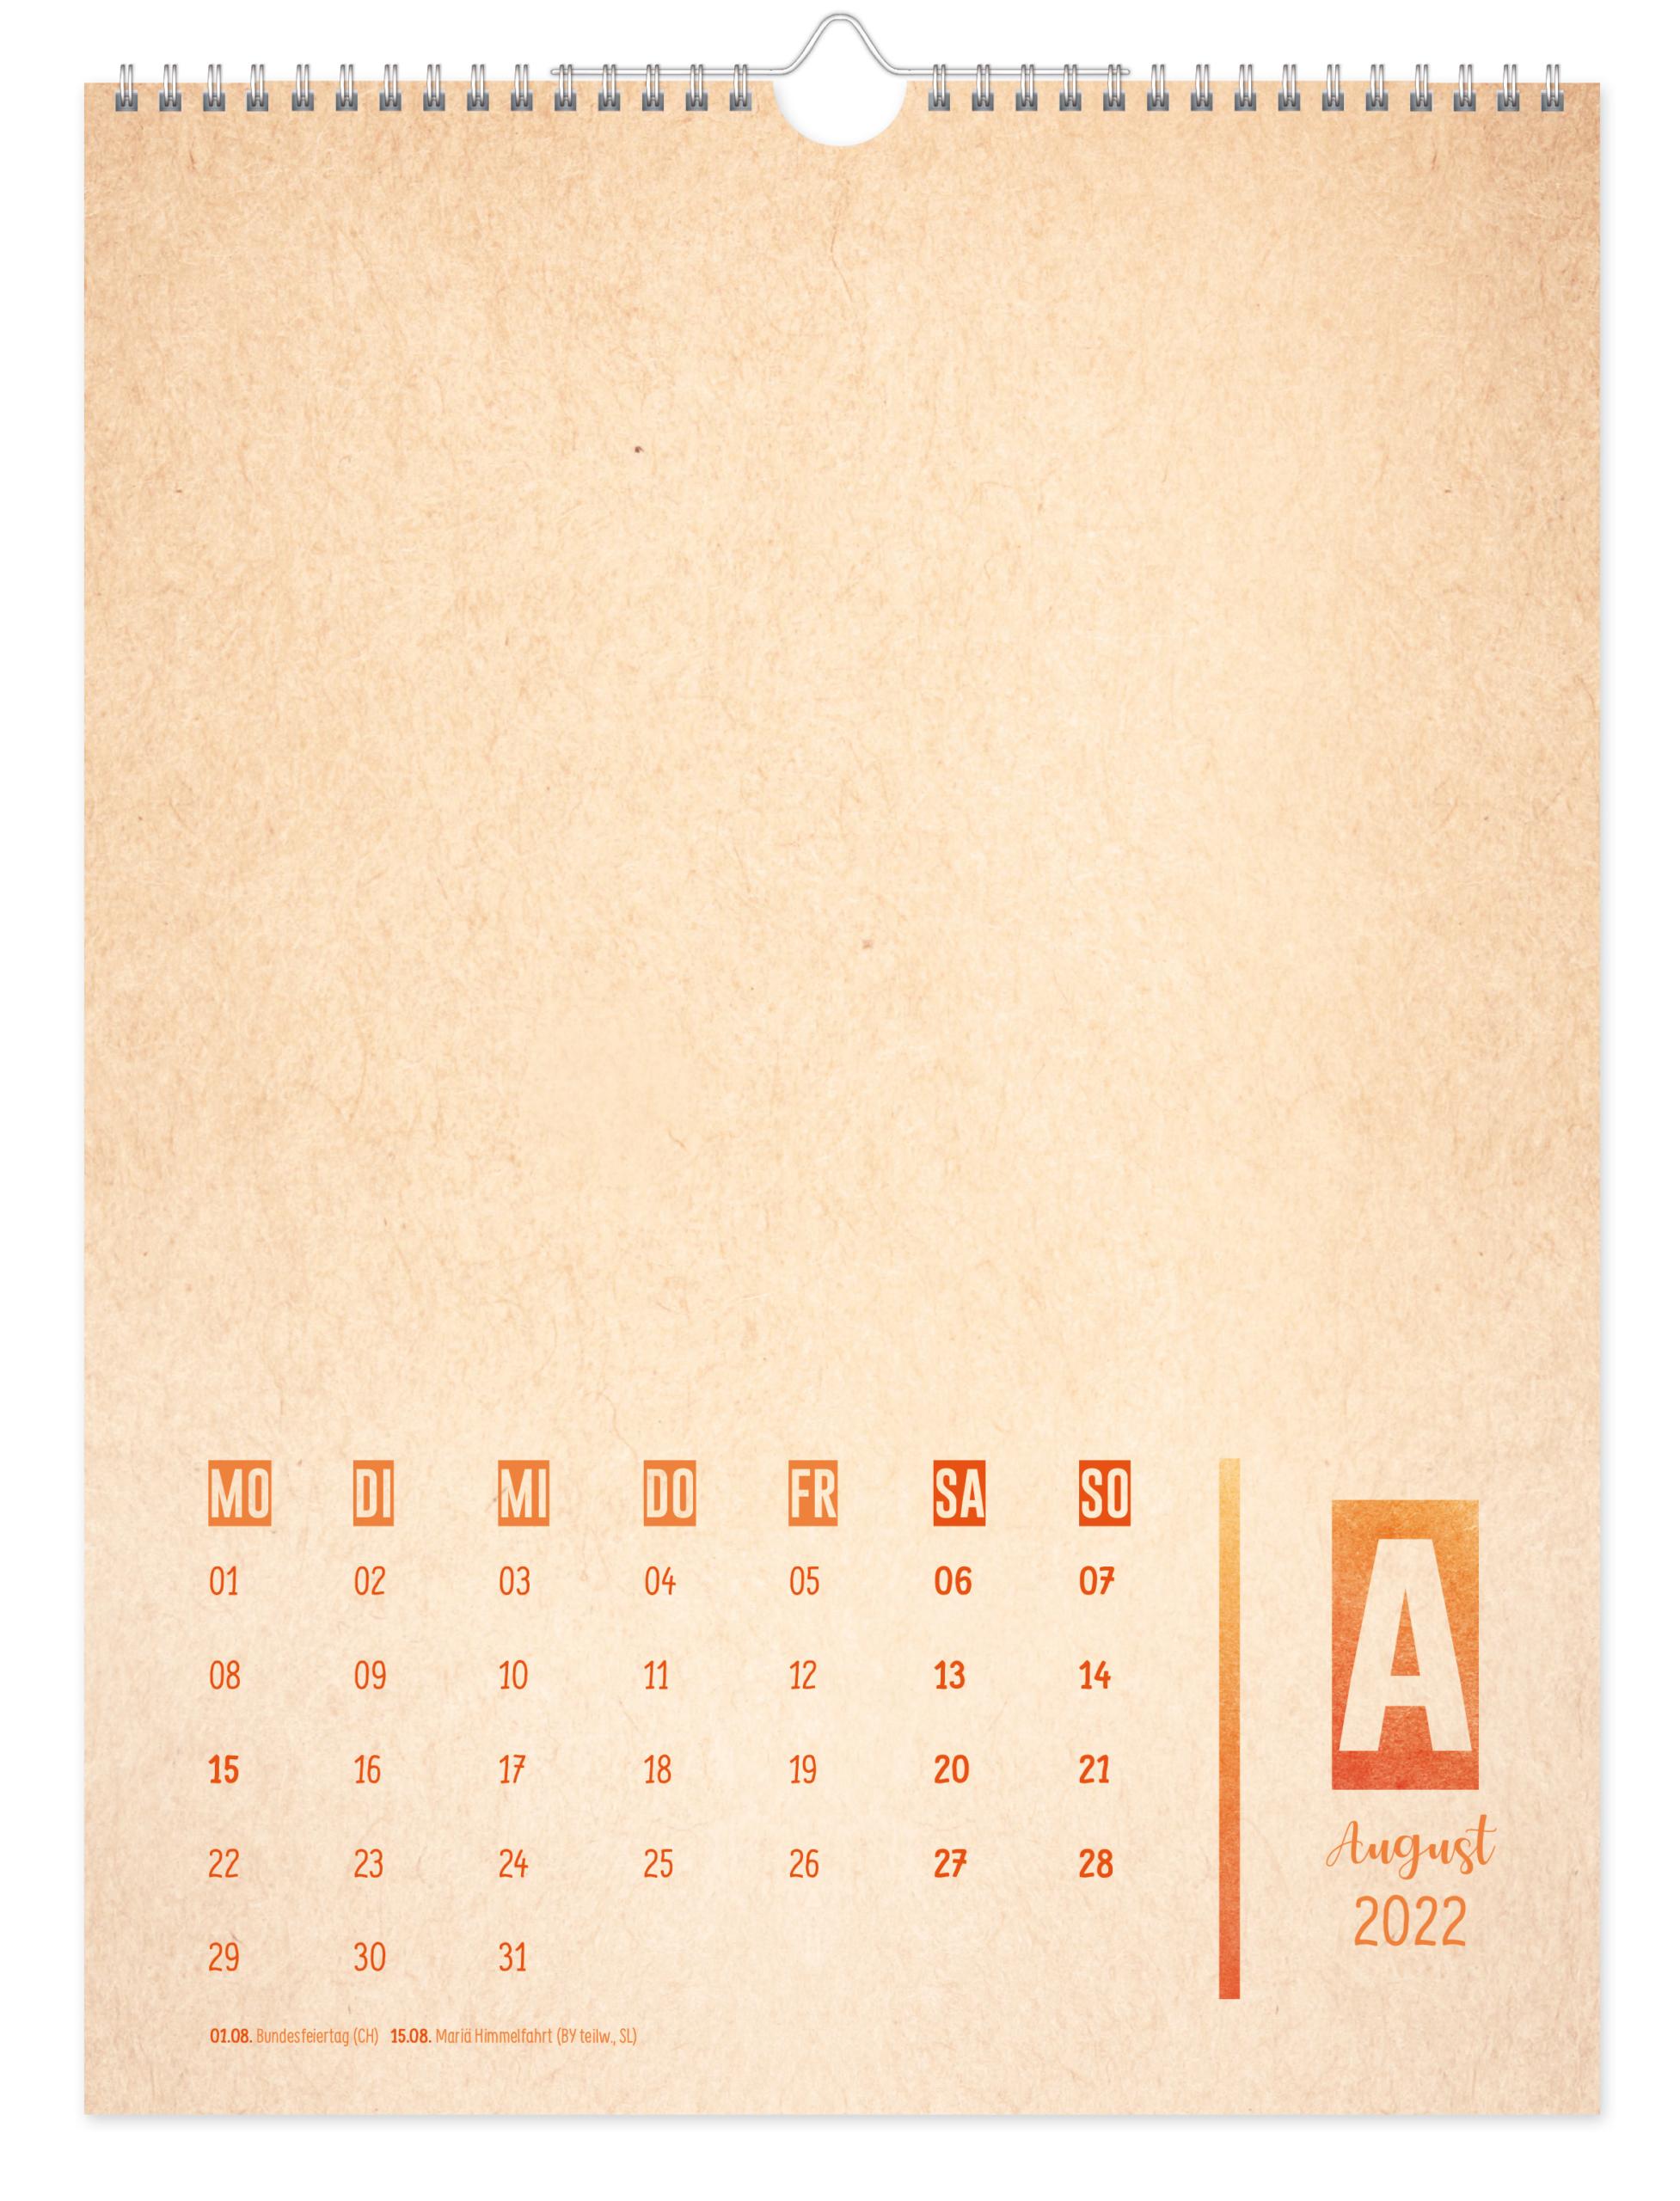 Bastelkalender A4 2022 - Kunterbunt Inhaltsseite 2